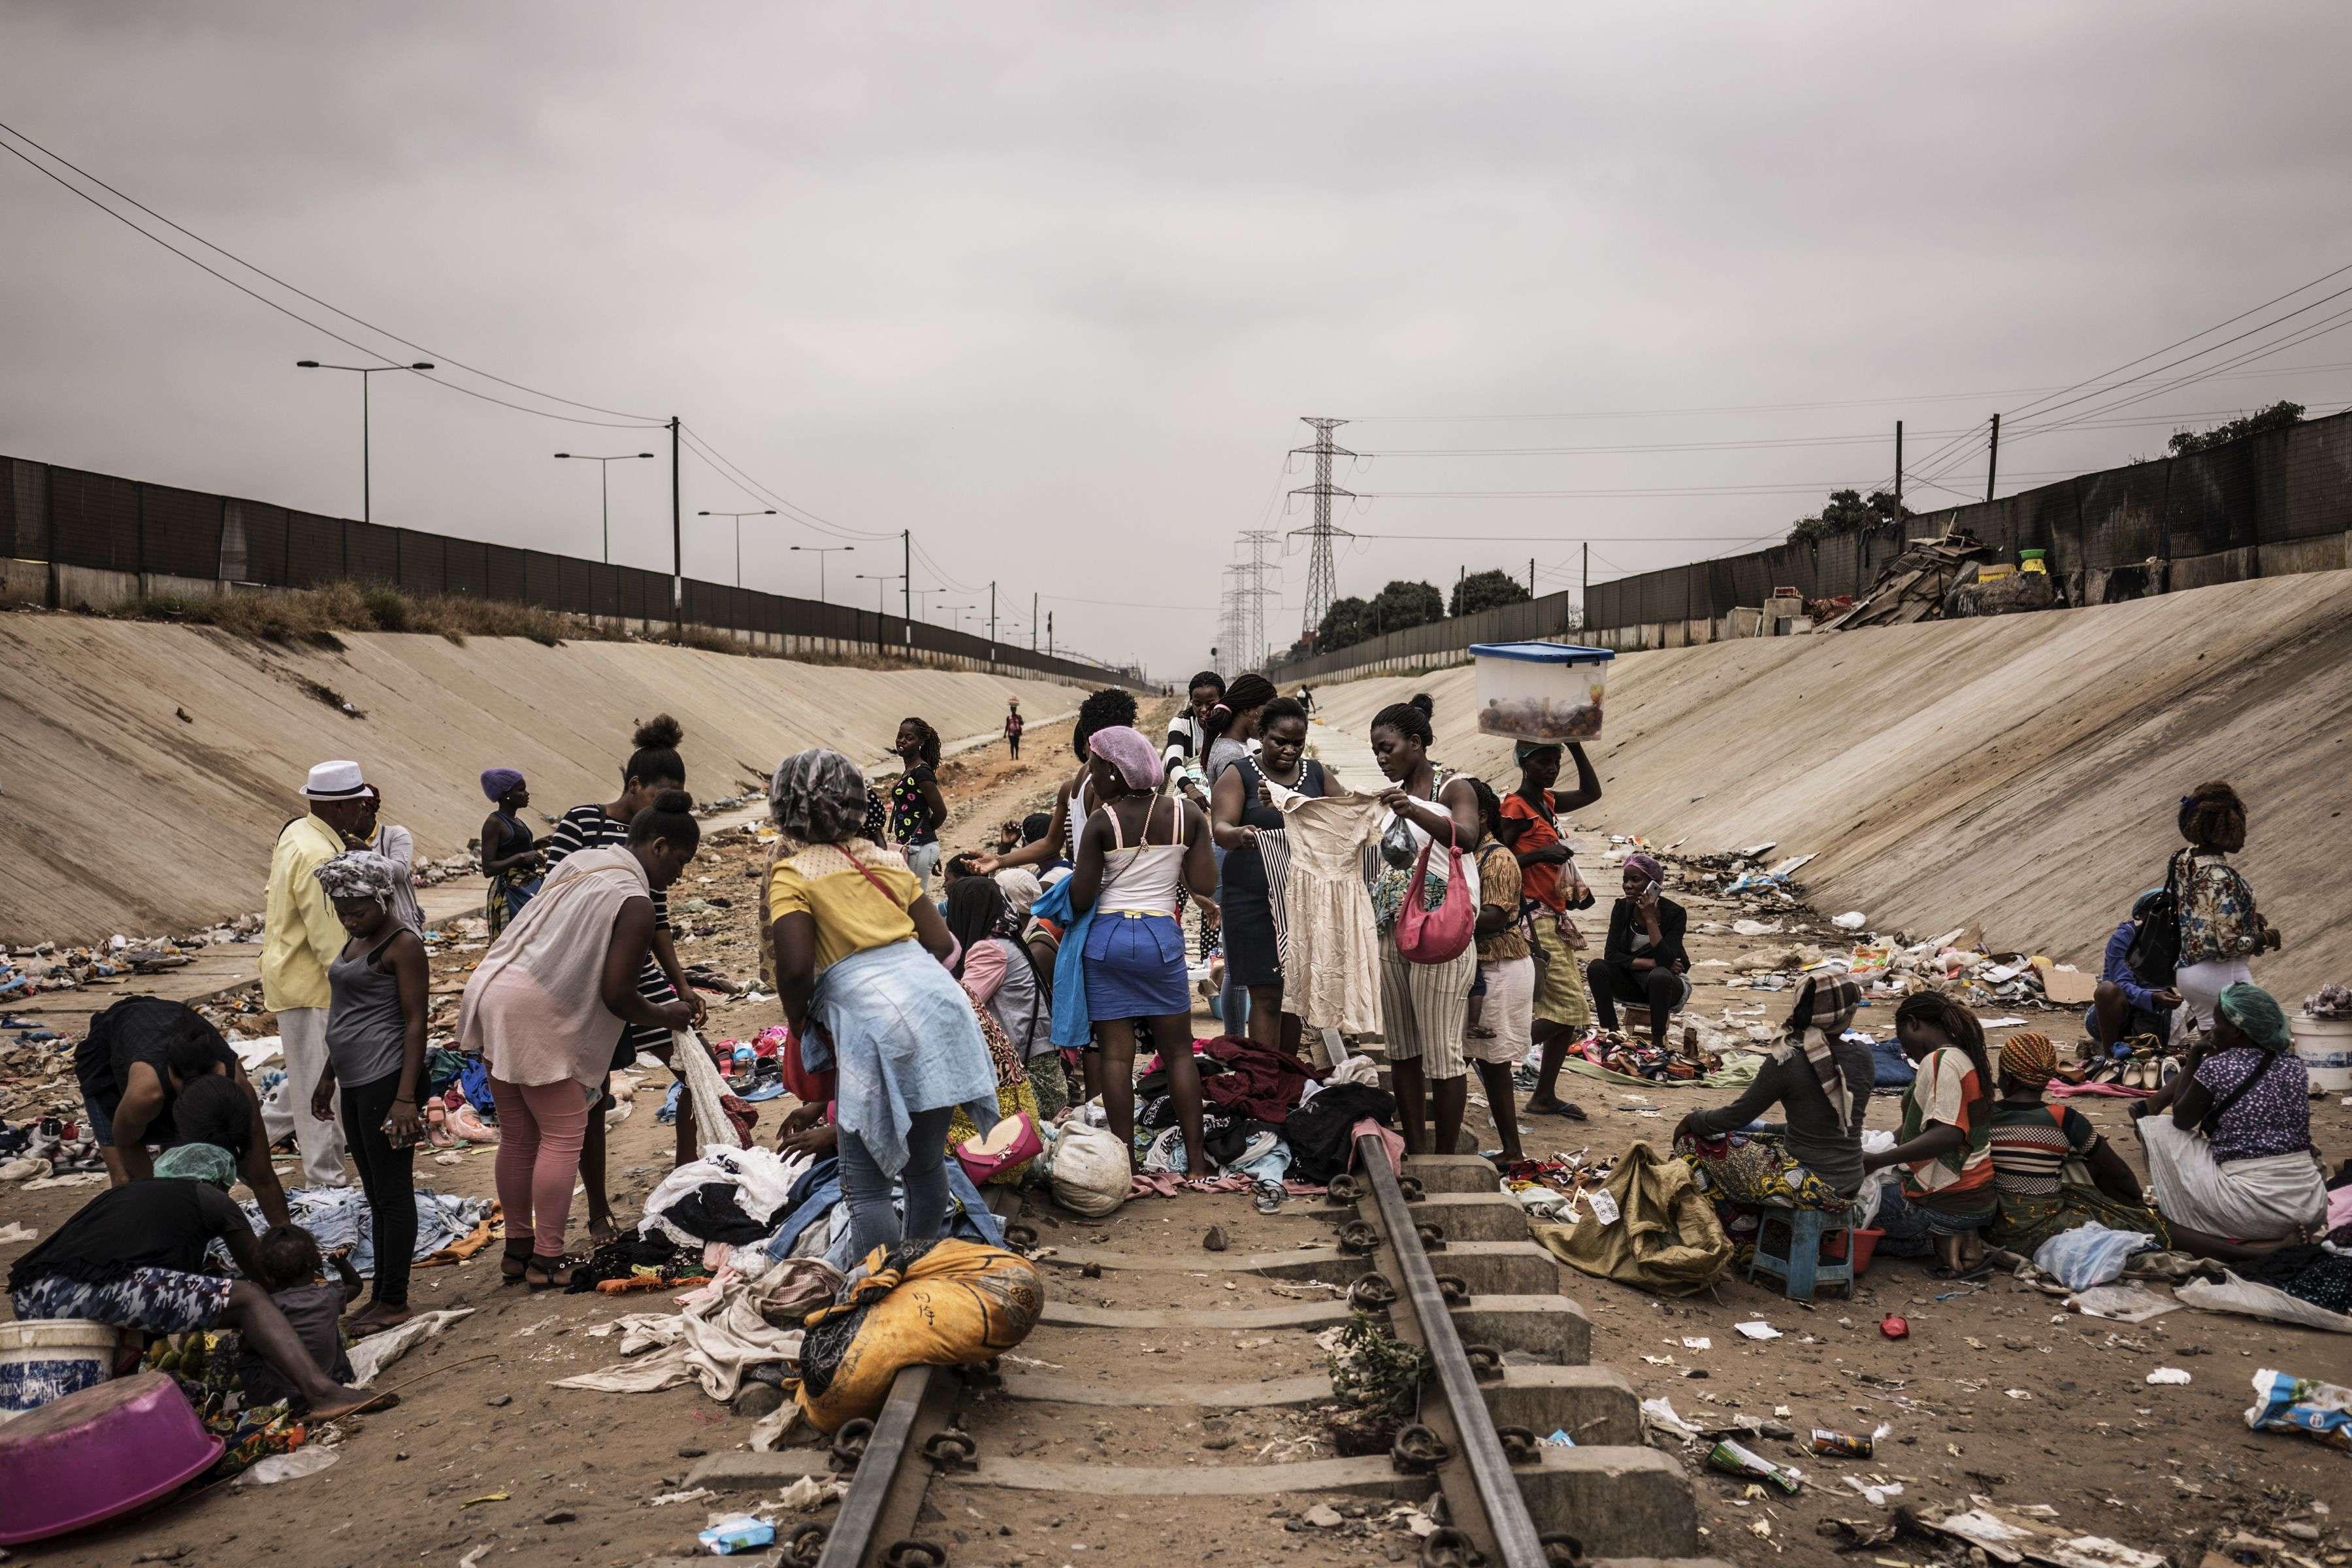 Pendant les élections, la vie continue. Une vie difficile : plus de la moitié des 18 millions d'Angolais vivent dans une grande pauvretéavec moins de 2 dollars par jour. Ici, des femmes n'ont pas d'autre lieu pour vendre leurs produits que les rails du train.Luanda, 22 août 2017.